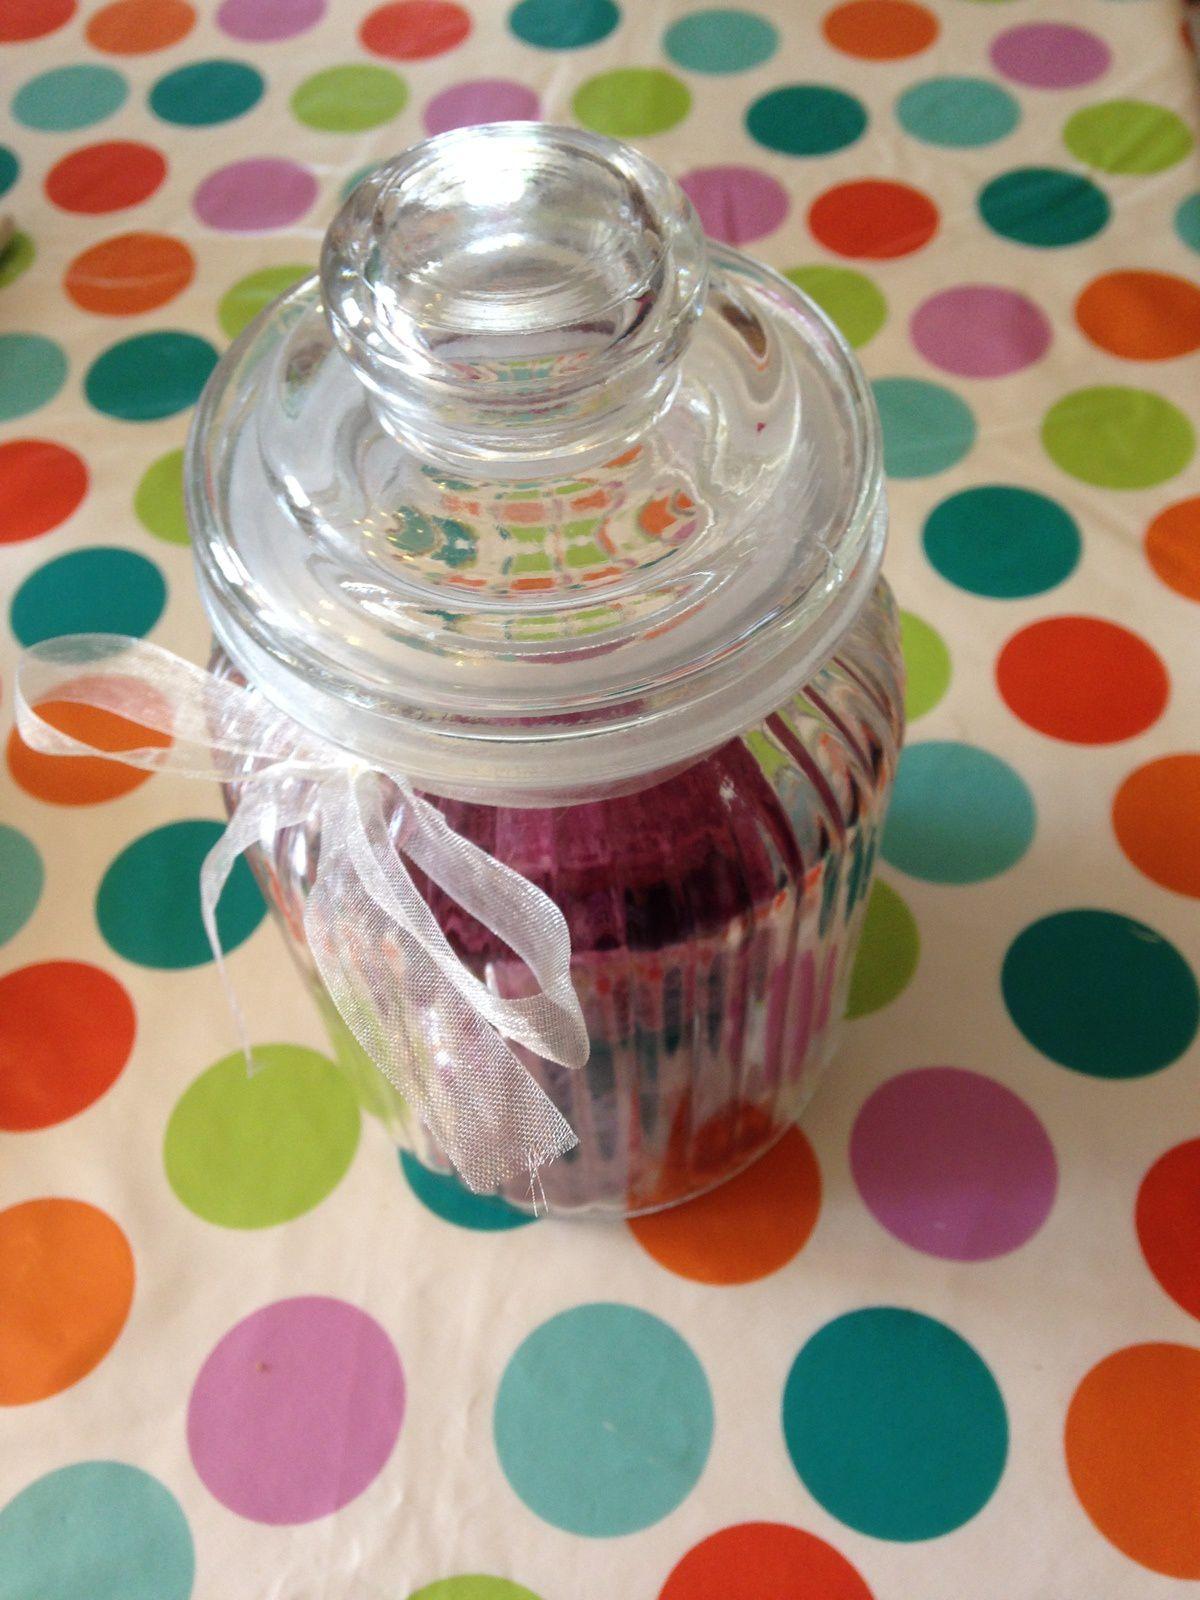 sables a la violette pot en verre- sur charlotteblabla blog*